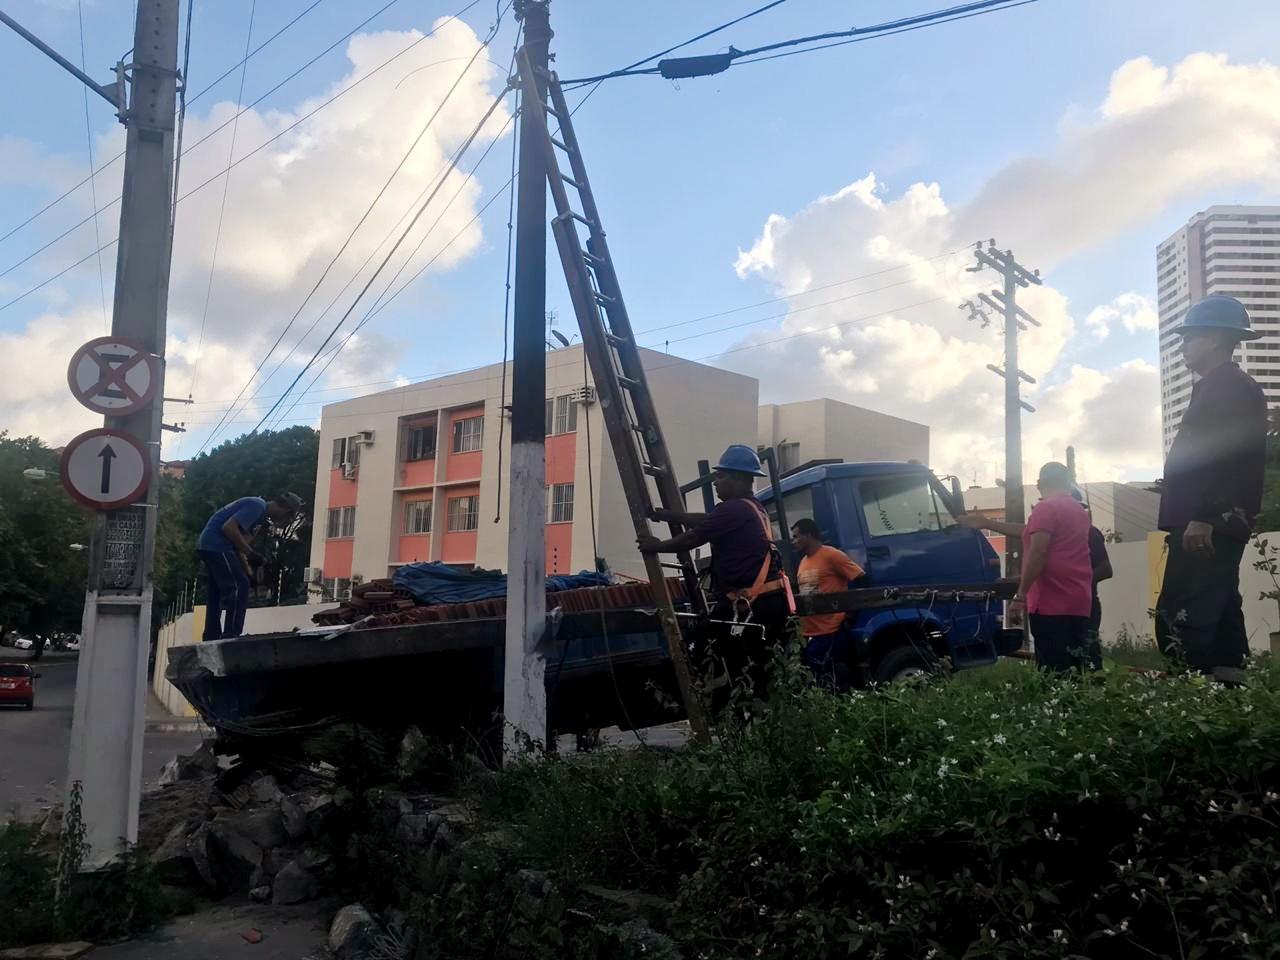 Caminhão perde força ao tentar subir ladeira, desce sem controle, bate e derruba poste em Maceió - Notícias - Plantão Diário